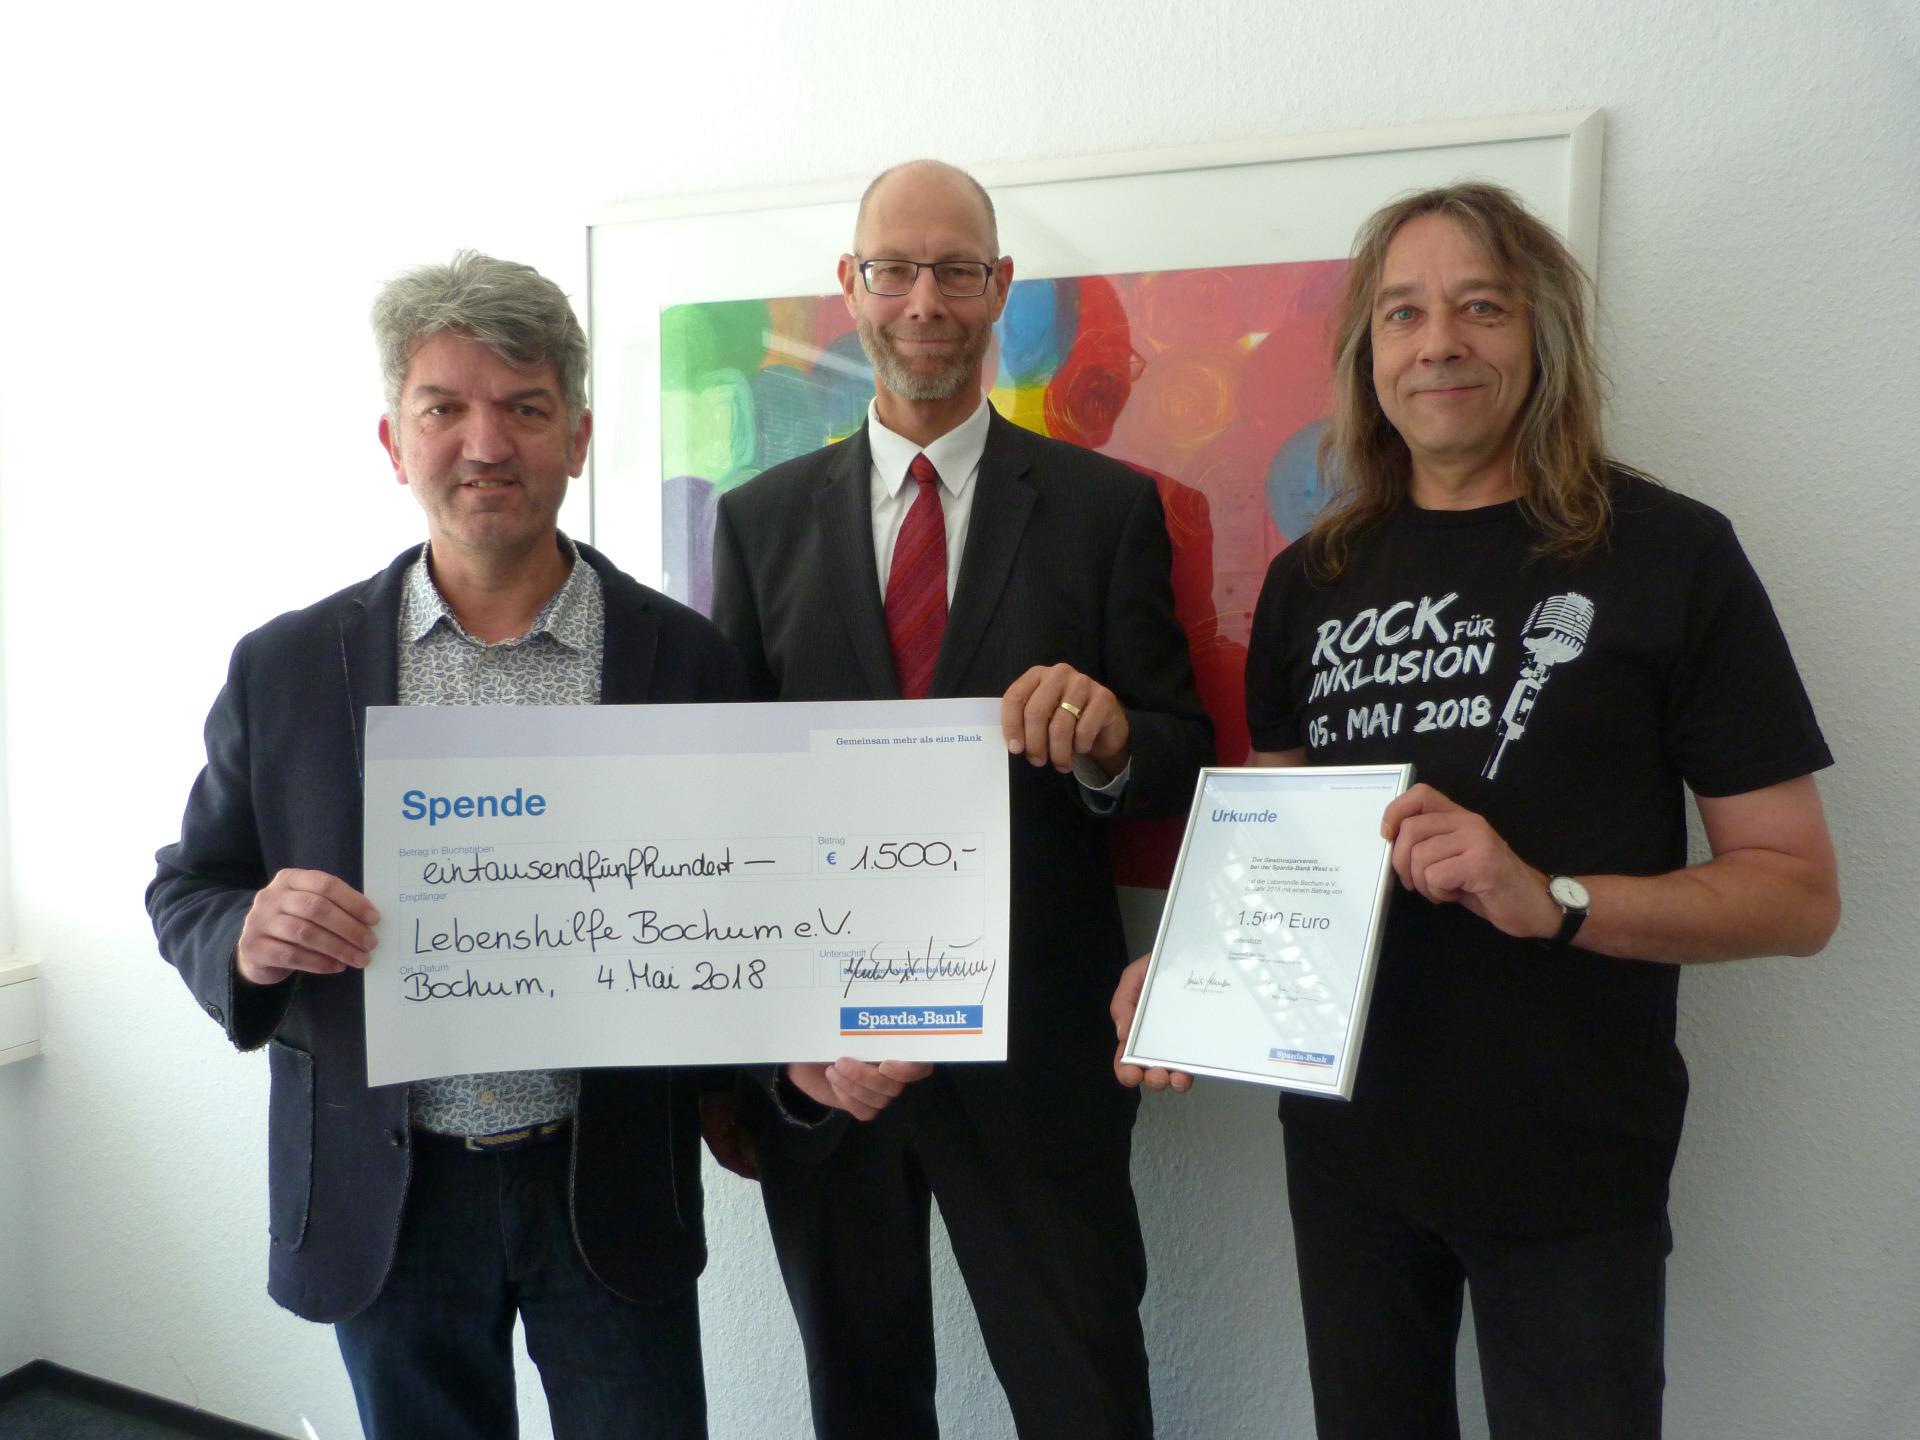 Sparda Bank Unterstutzt Rock Fur Inklusion Lebenshilfe Fur Menschen Mit Geistiger Behinderung Ortsvereinigung Bochum E V